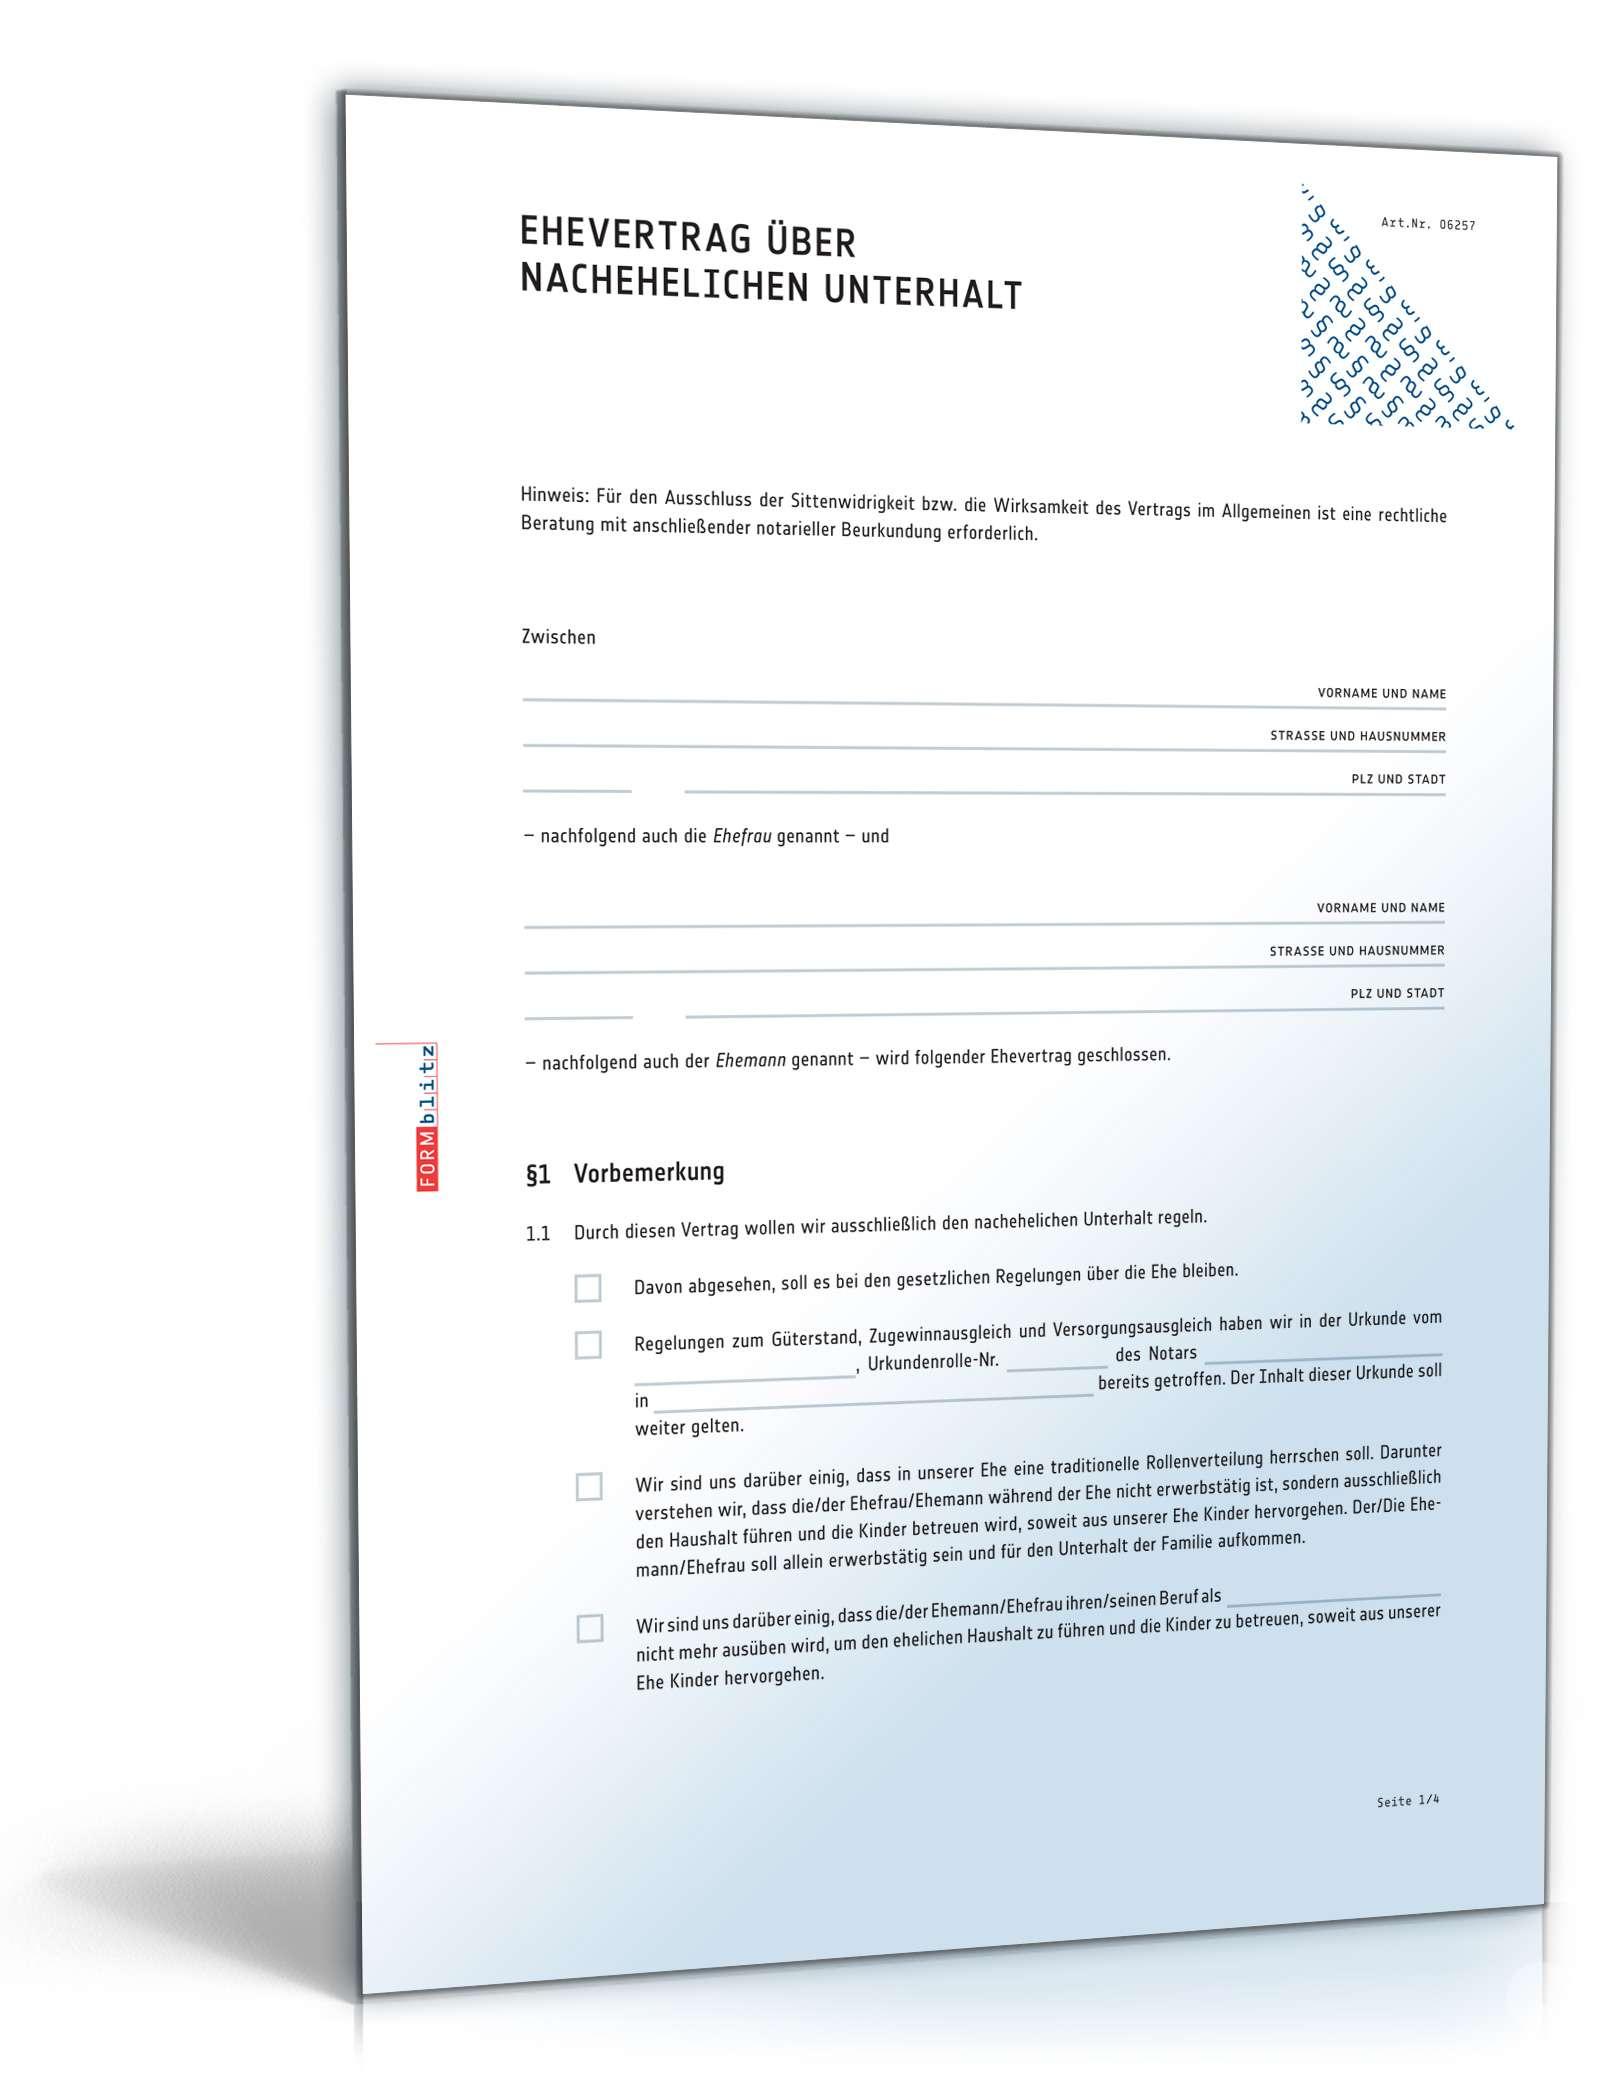 Ehevertrag Nachehelicher Unterhalt Muster Zum Download